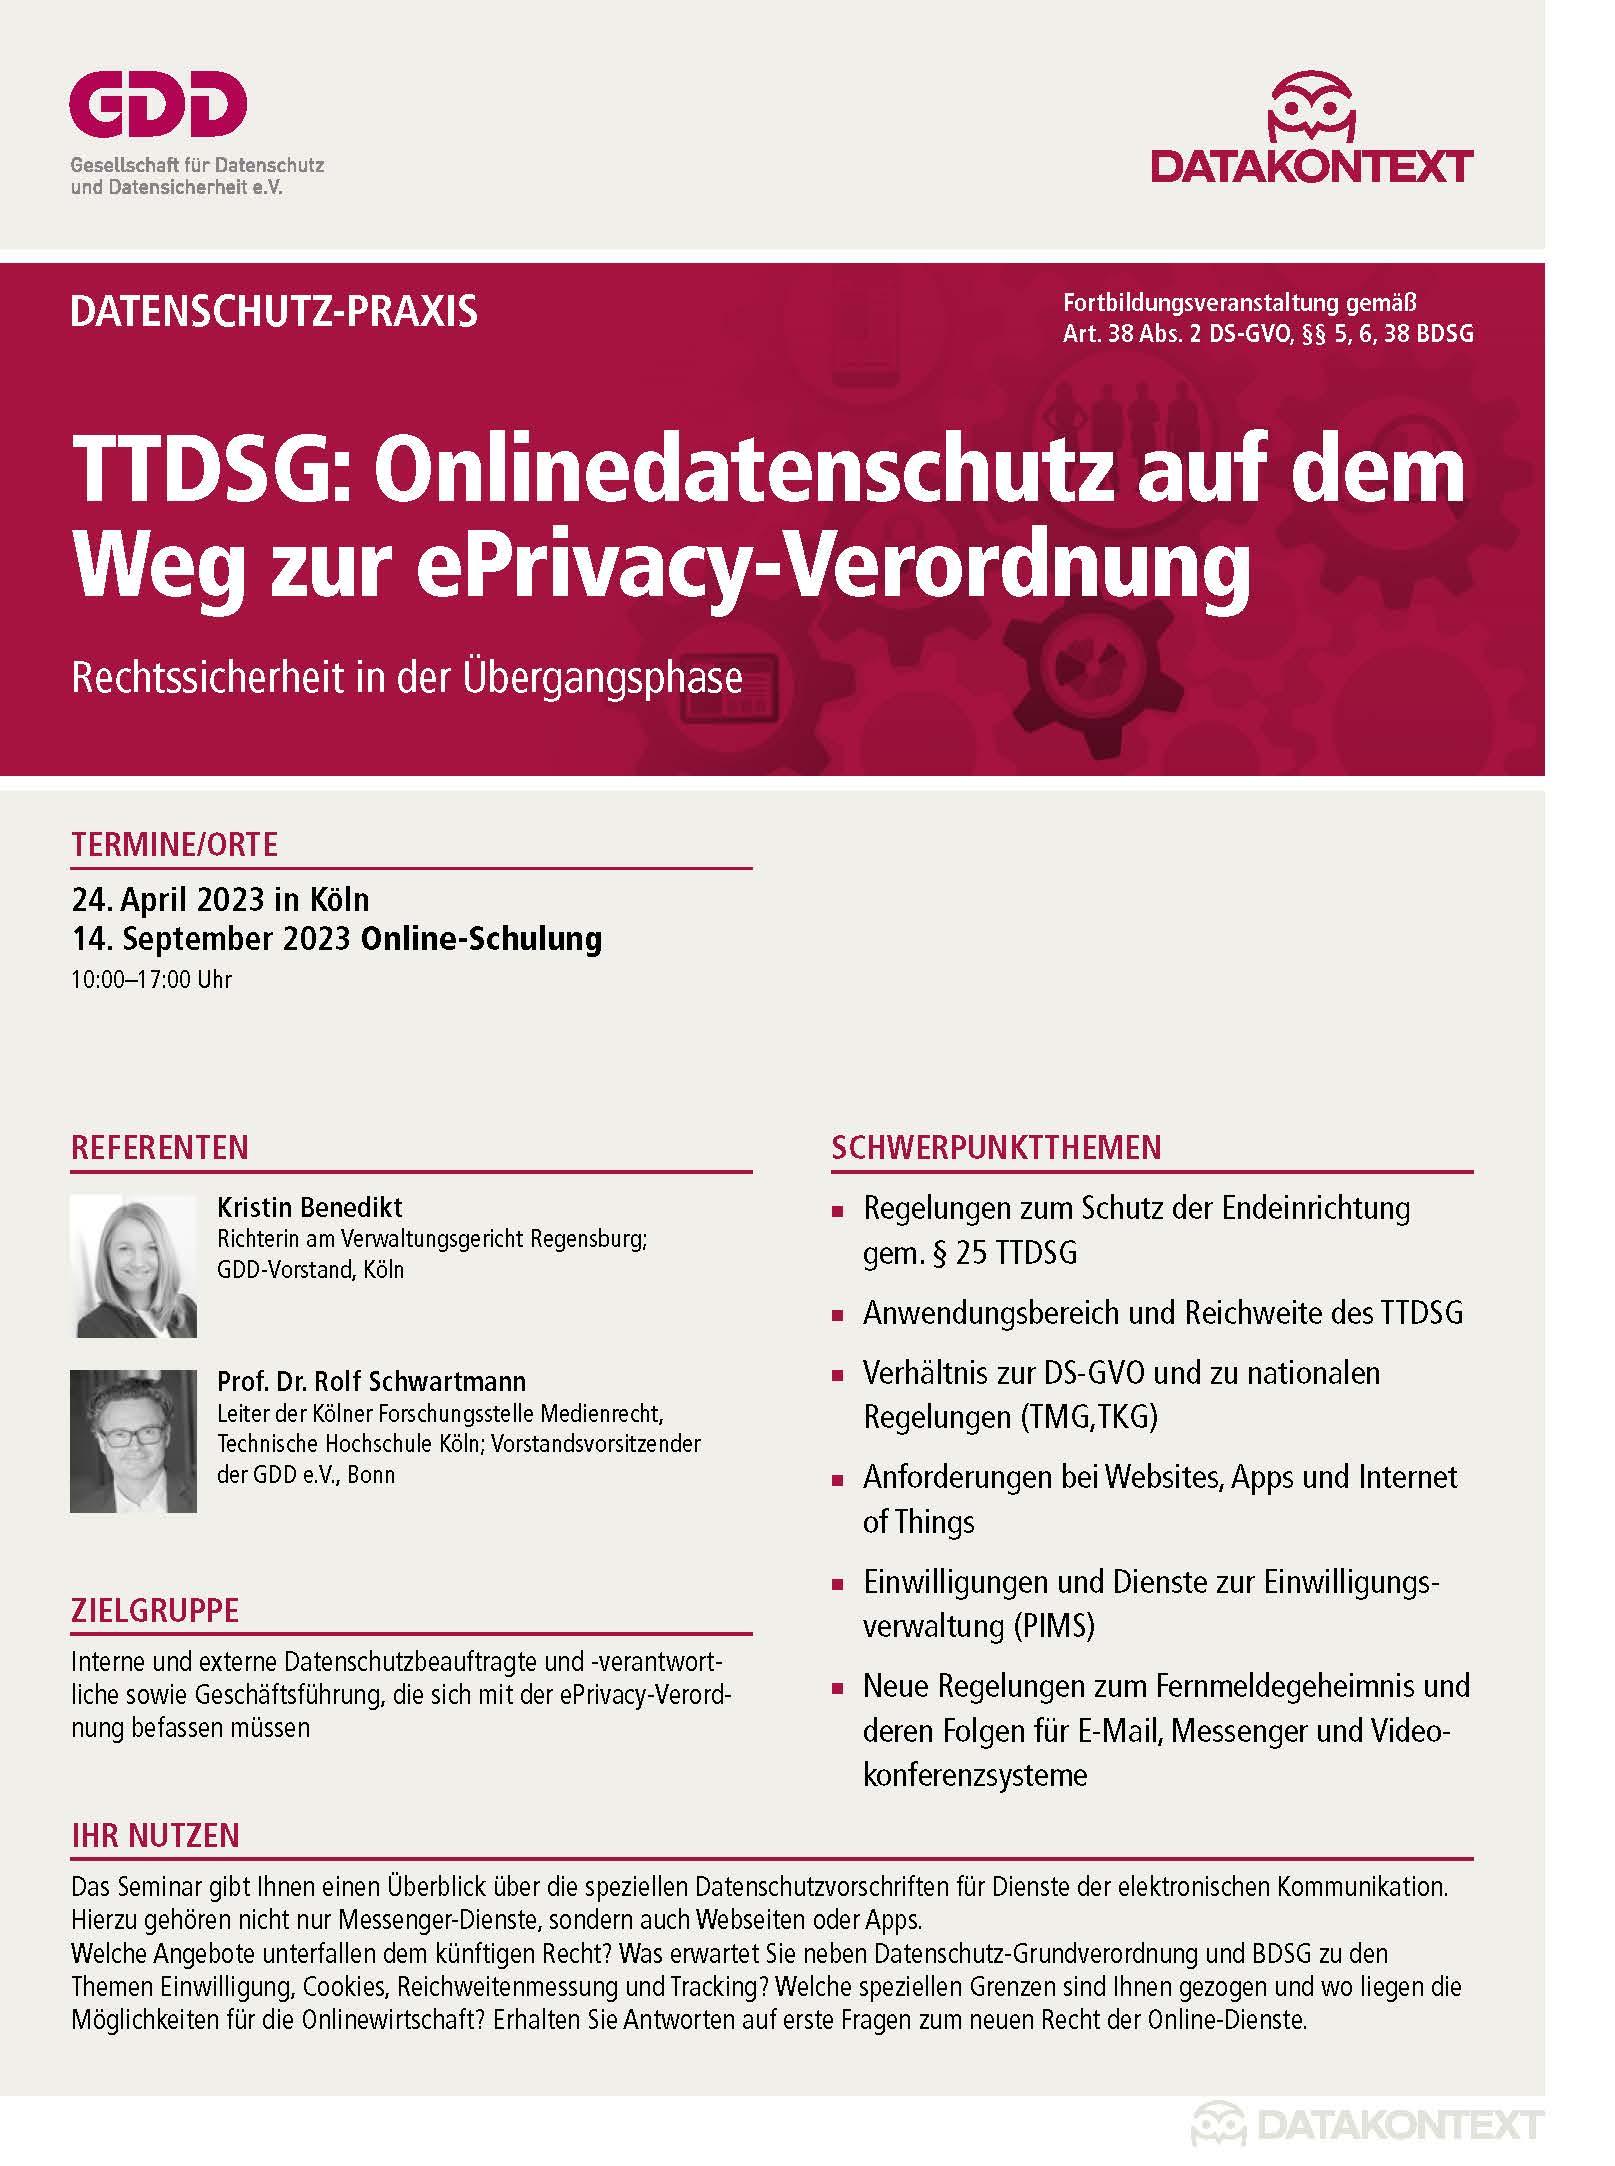 Onlinedatenschutz auf dem Weg zur ePrivacy-Verordnung